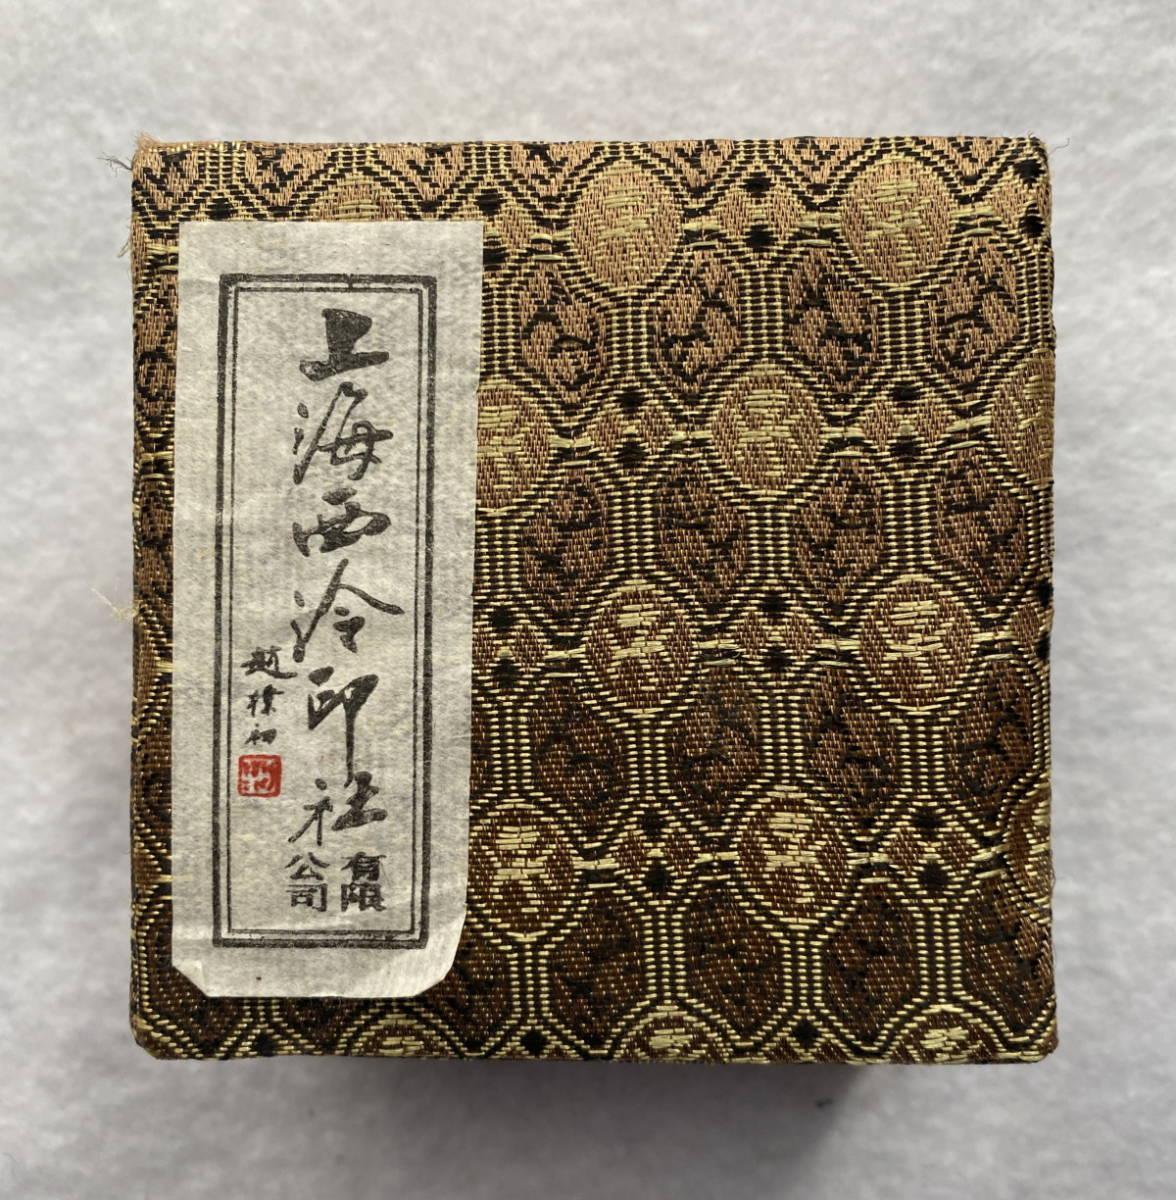 上海西冷印社 朱肉 印泥 篆刻 練りこみ済 色彩よし_画像3